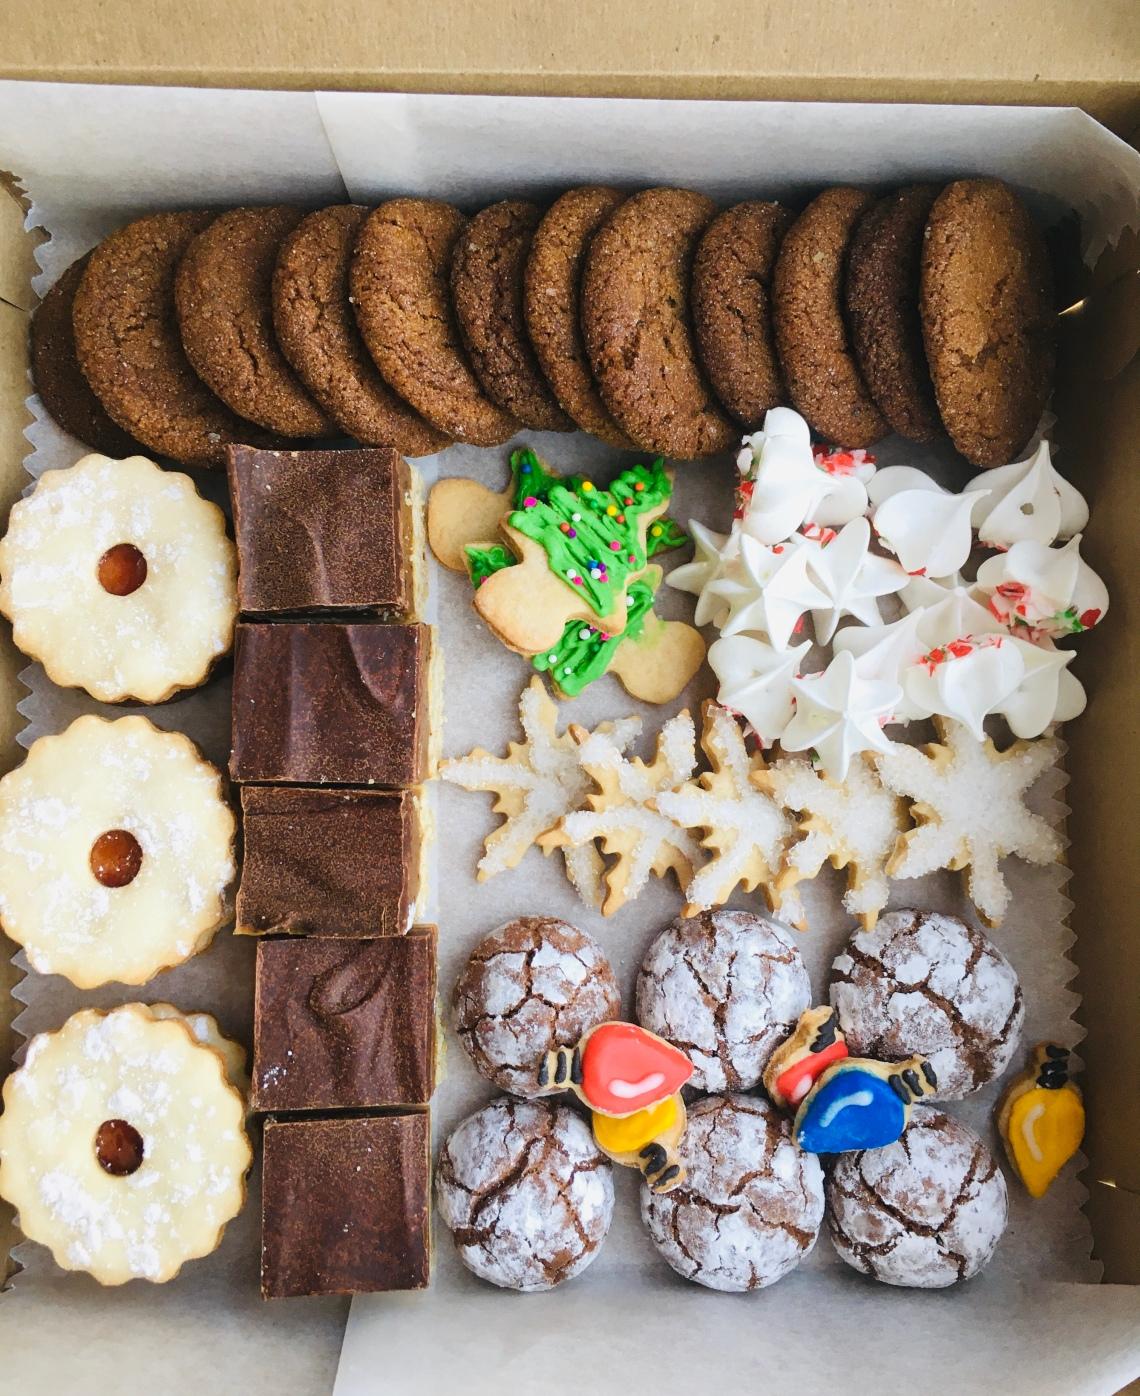 Mixed baking: large box (A)